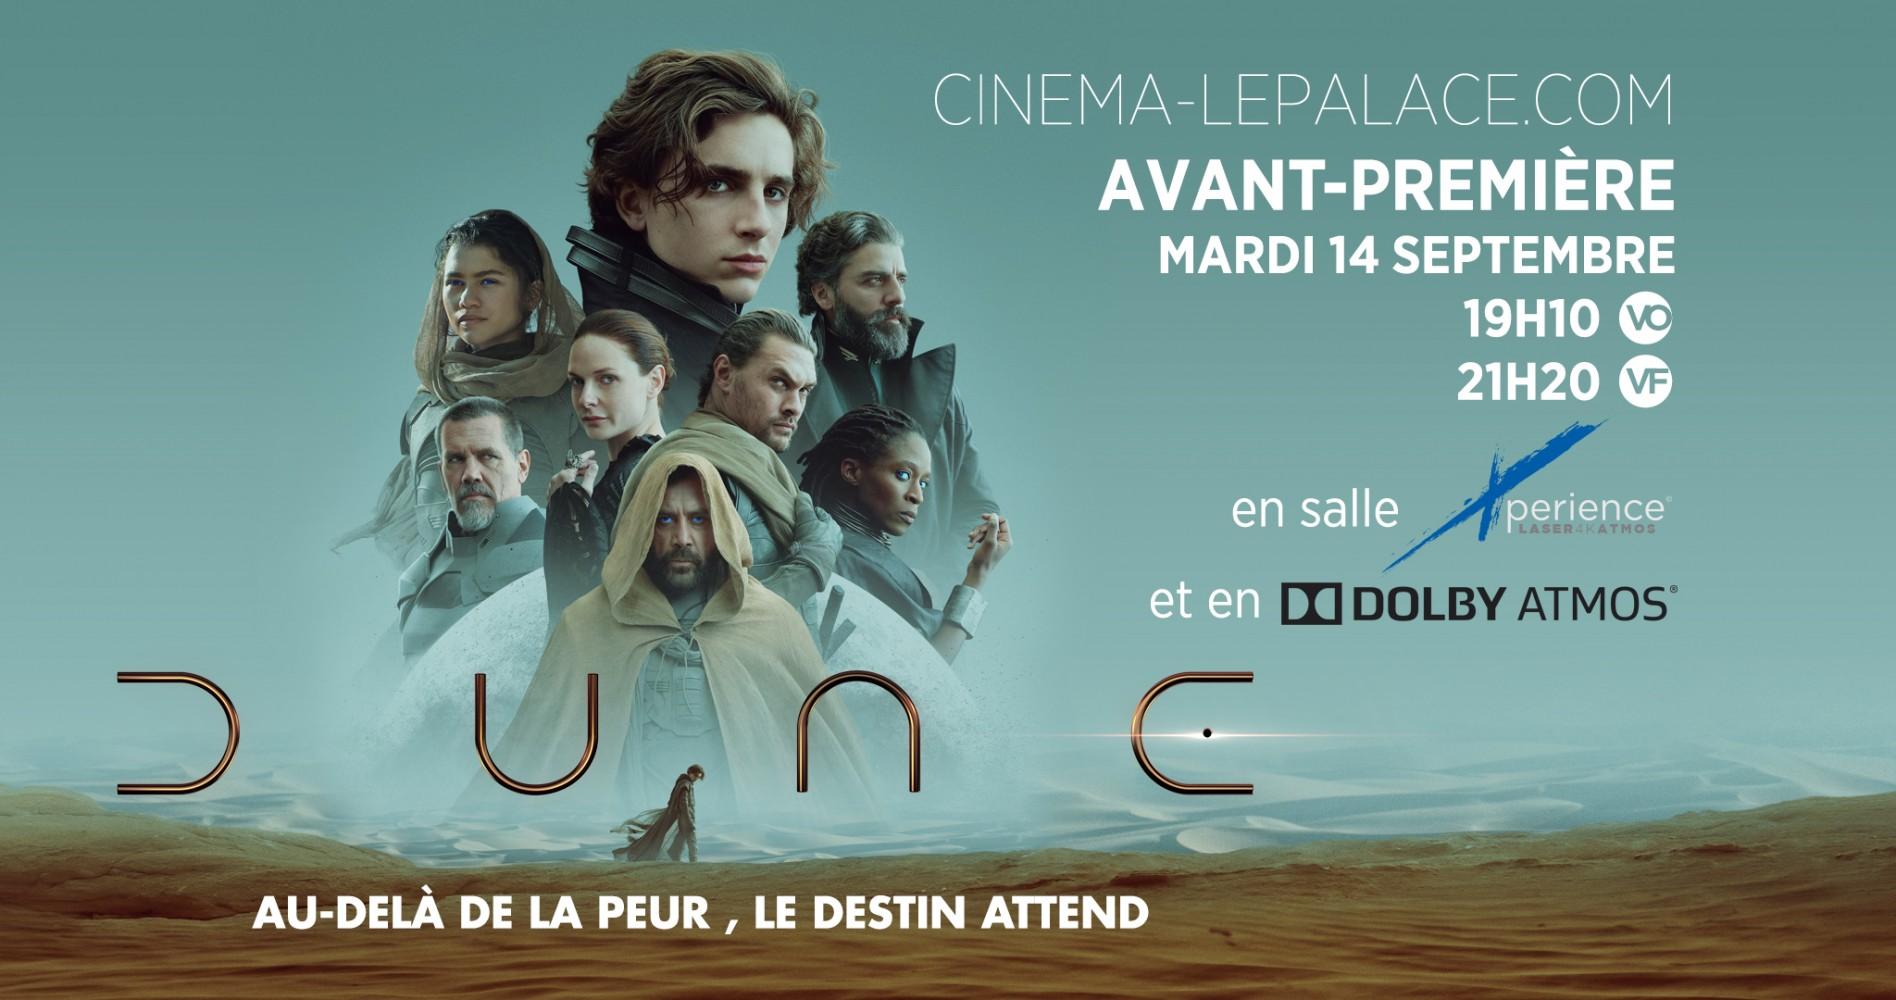 DUNE le nouveau film de Denis Villeneuve